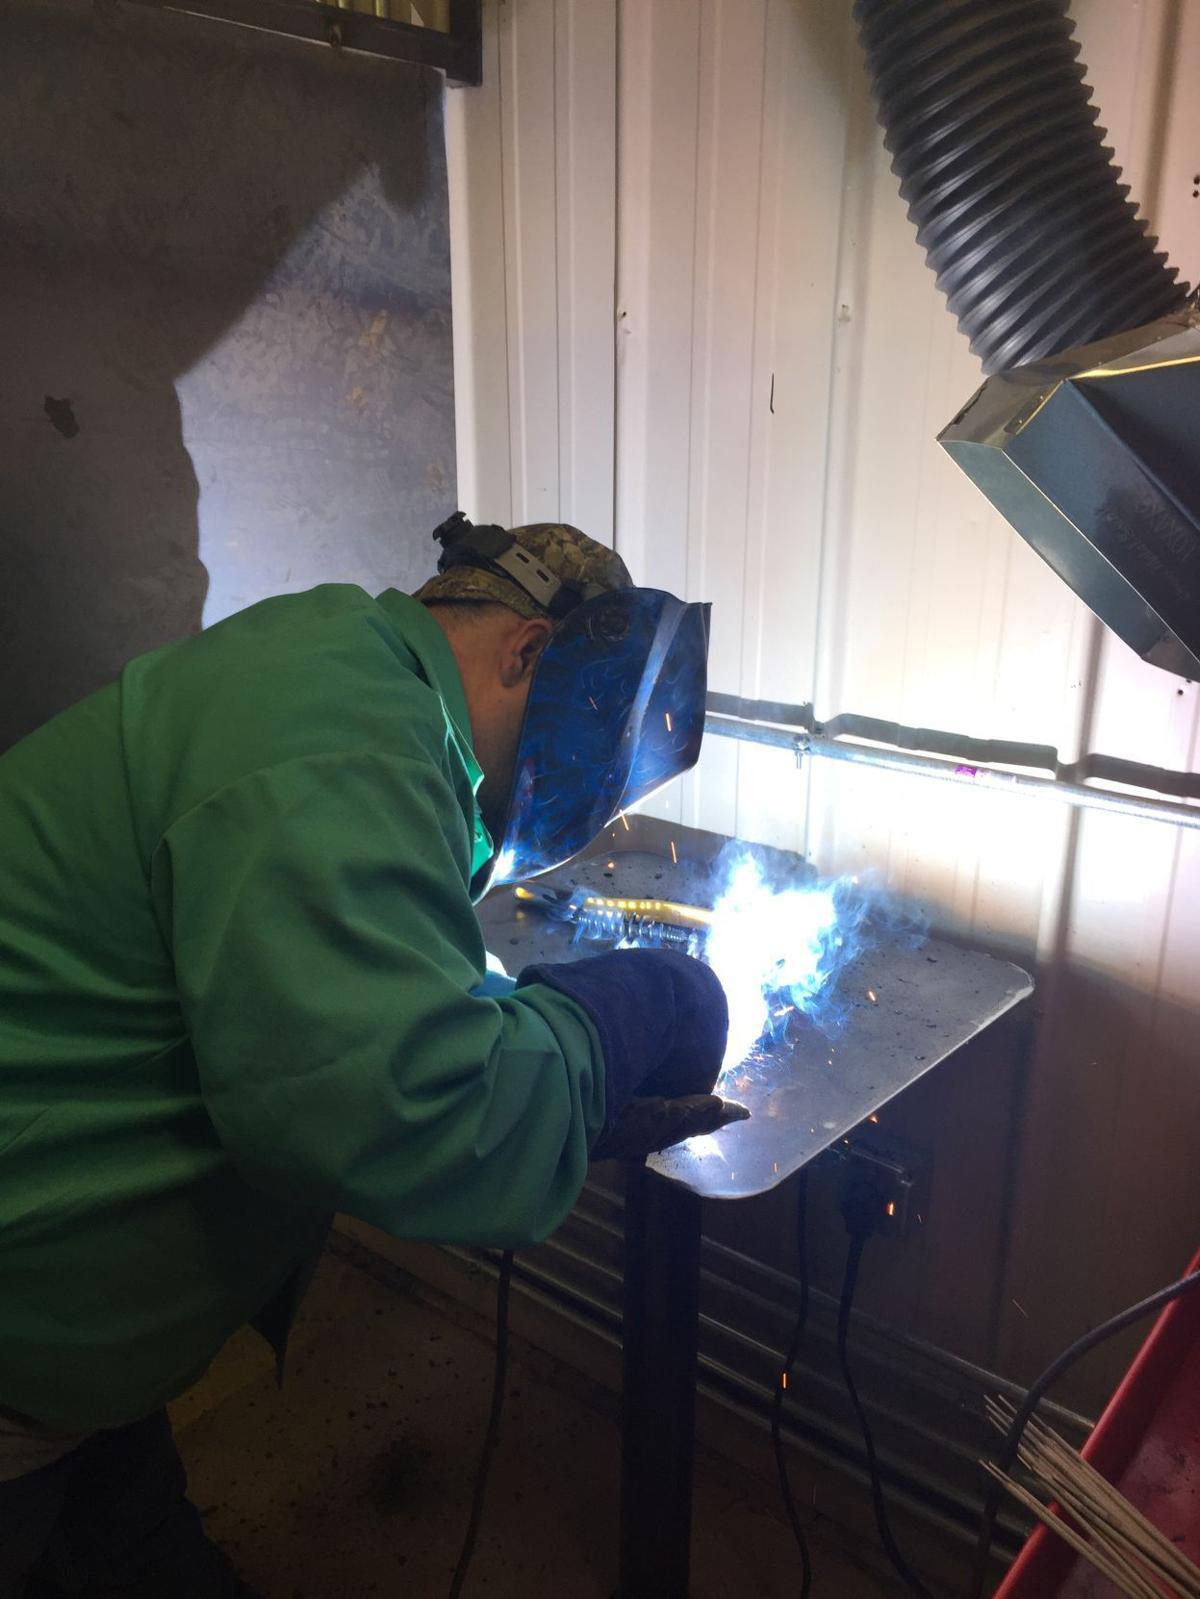 Culpeper welding school 2